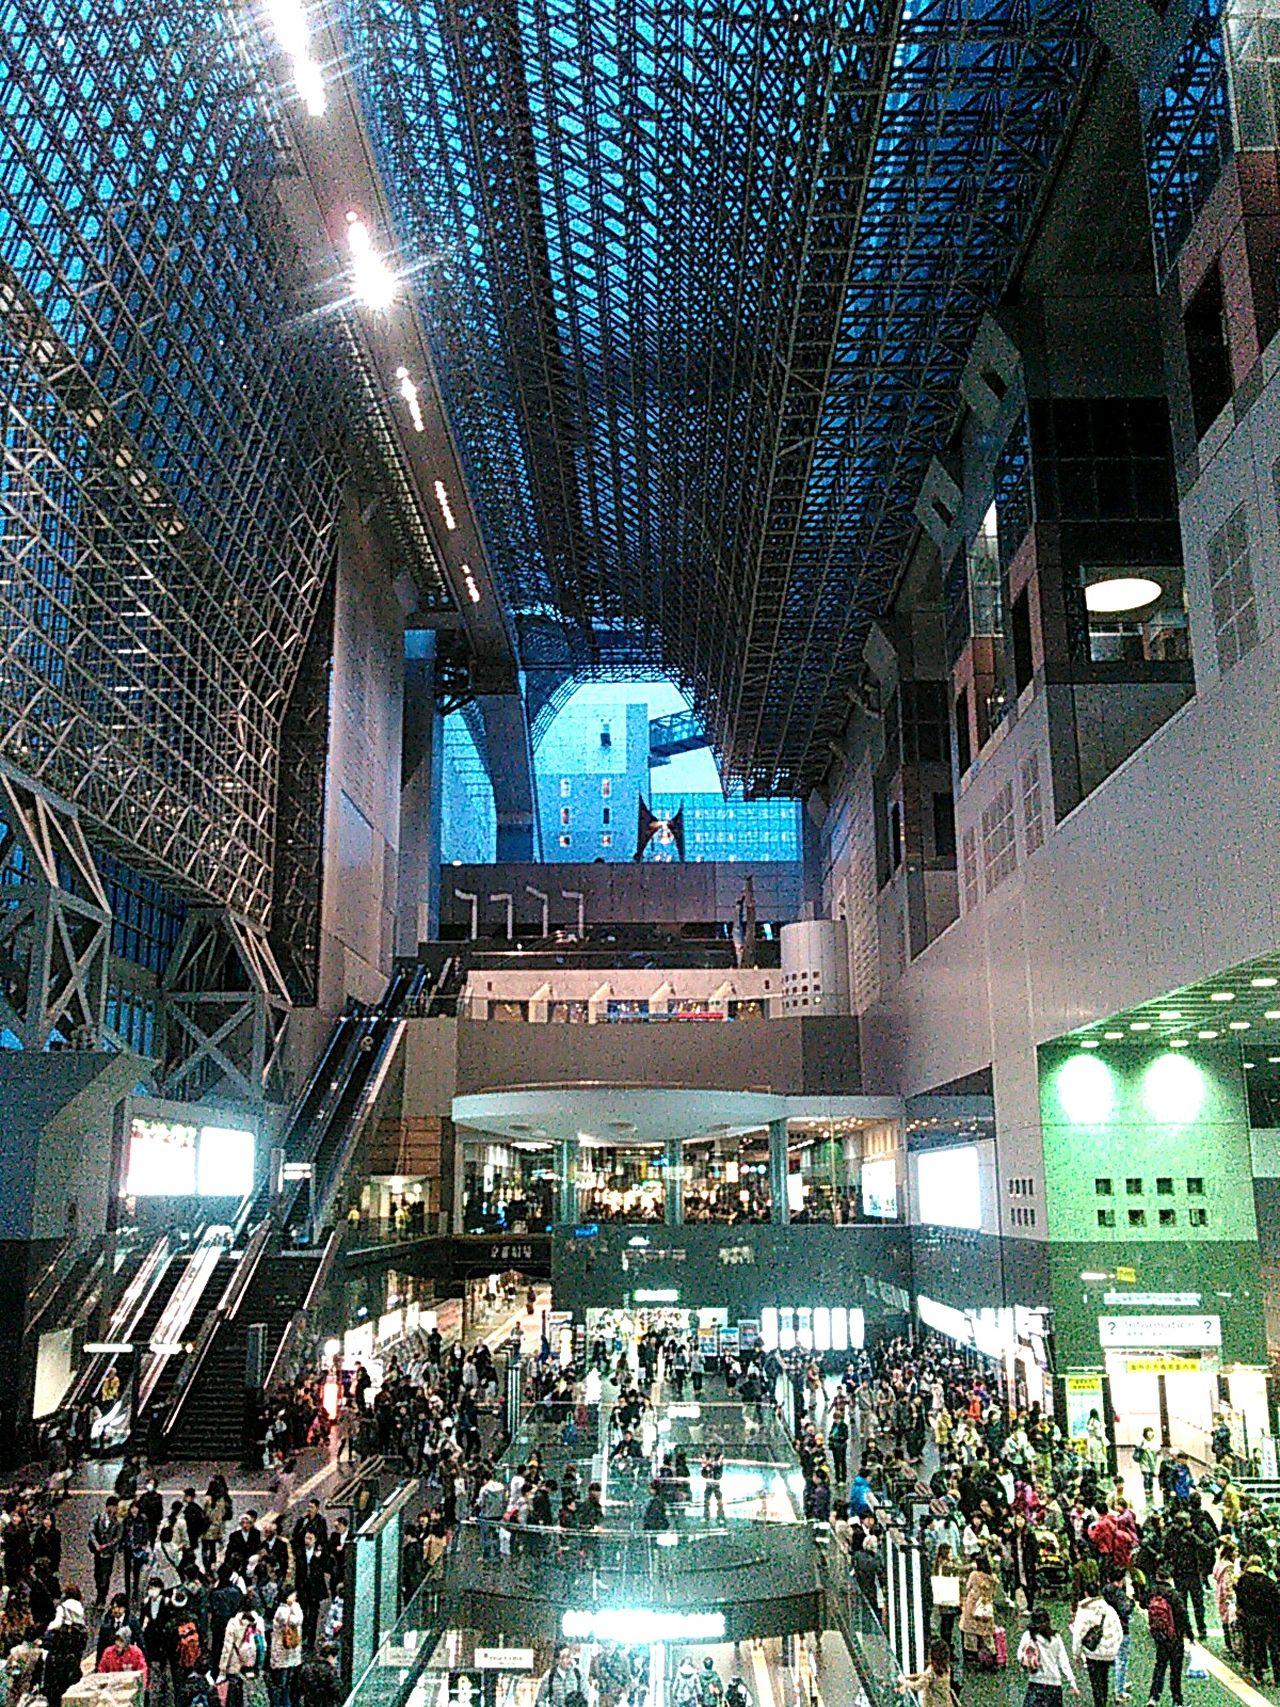 京都駅ビルから京都駅烏丸口改札前を見下ろす。 The Architect - 2016 EyeEm Awards 京都 Kyoto 京都駅 京都駅 Kyoto Station Kyoto Station 京都駅ビル Station